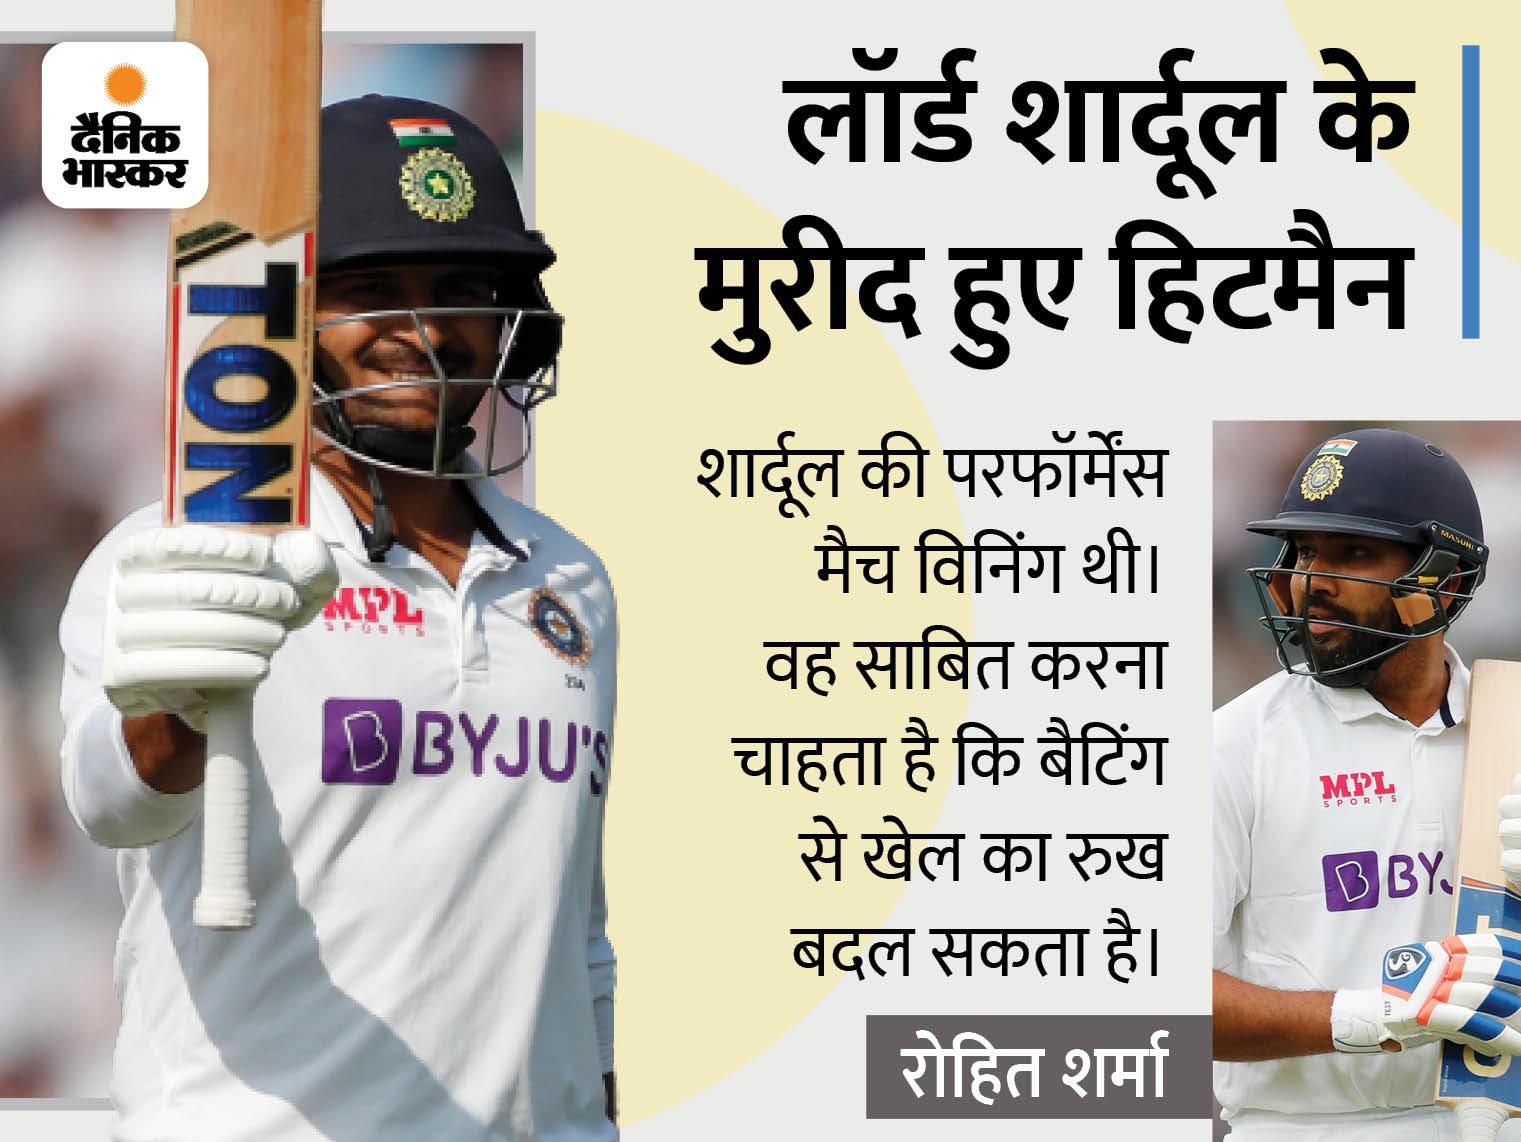 रोहित बोले- शार्दूल को भी मैन ऑफ द मैच मिलना चाहिए था, उनकी बैटिंग कौन भूल सकता है और 2 अहम विकेट लिए|क्रिकेट,Cricket - Dainik Bhaskar